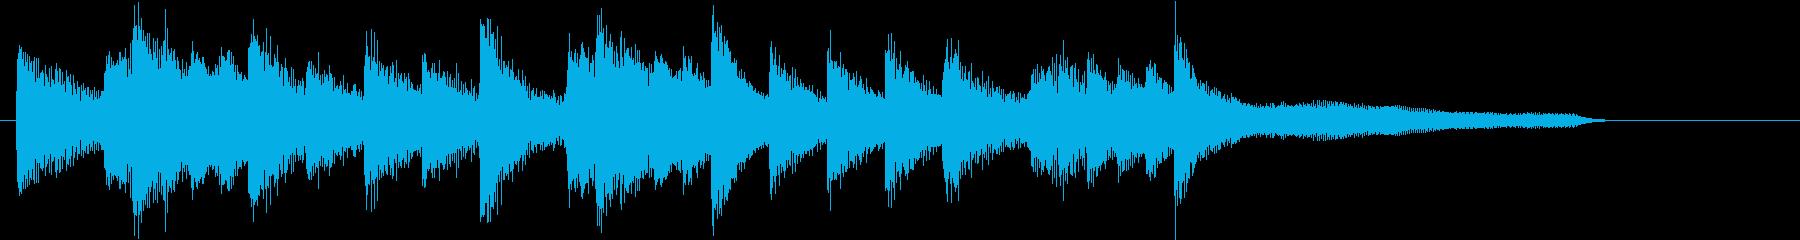 お正月・春の海モチーフのピアノジングルEの再生済みの波形